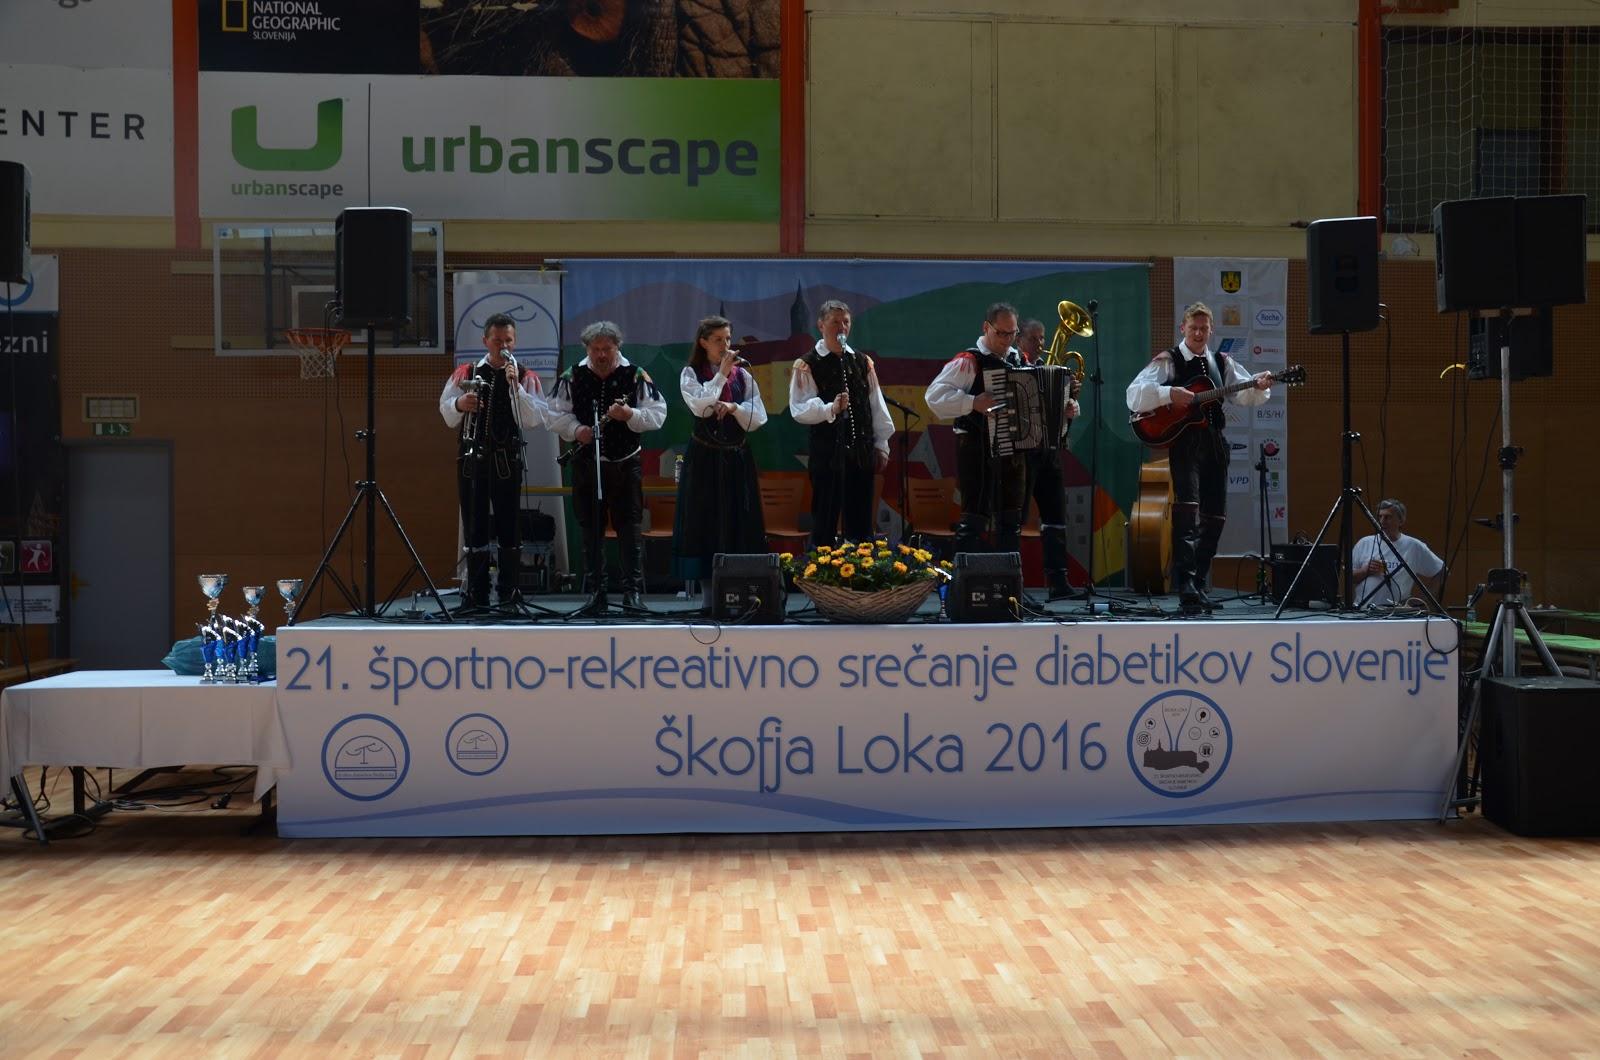 21. športno srečanje diabetikov Slovenije - DSC_1151.JPG